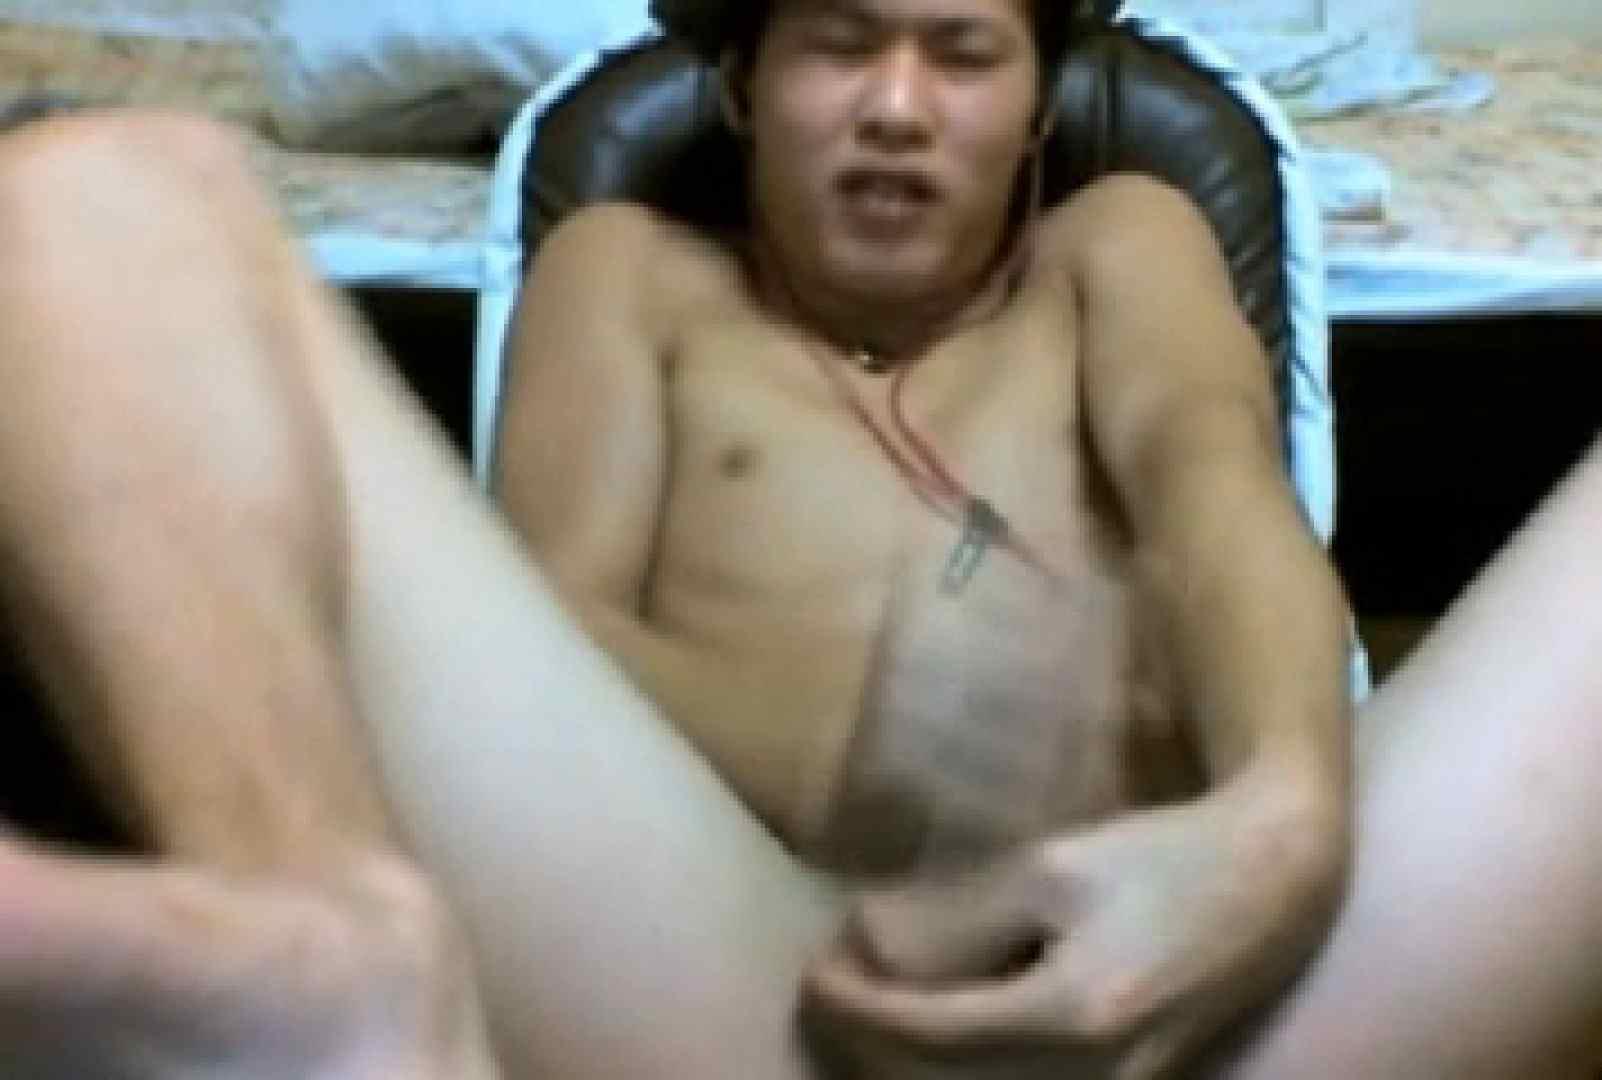 【流出】マグニチュード 072!! vol2 スポーツマン  81pic 51